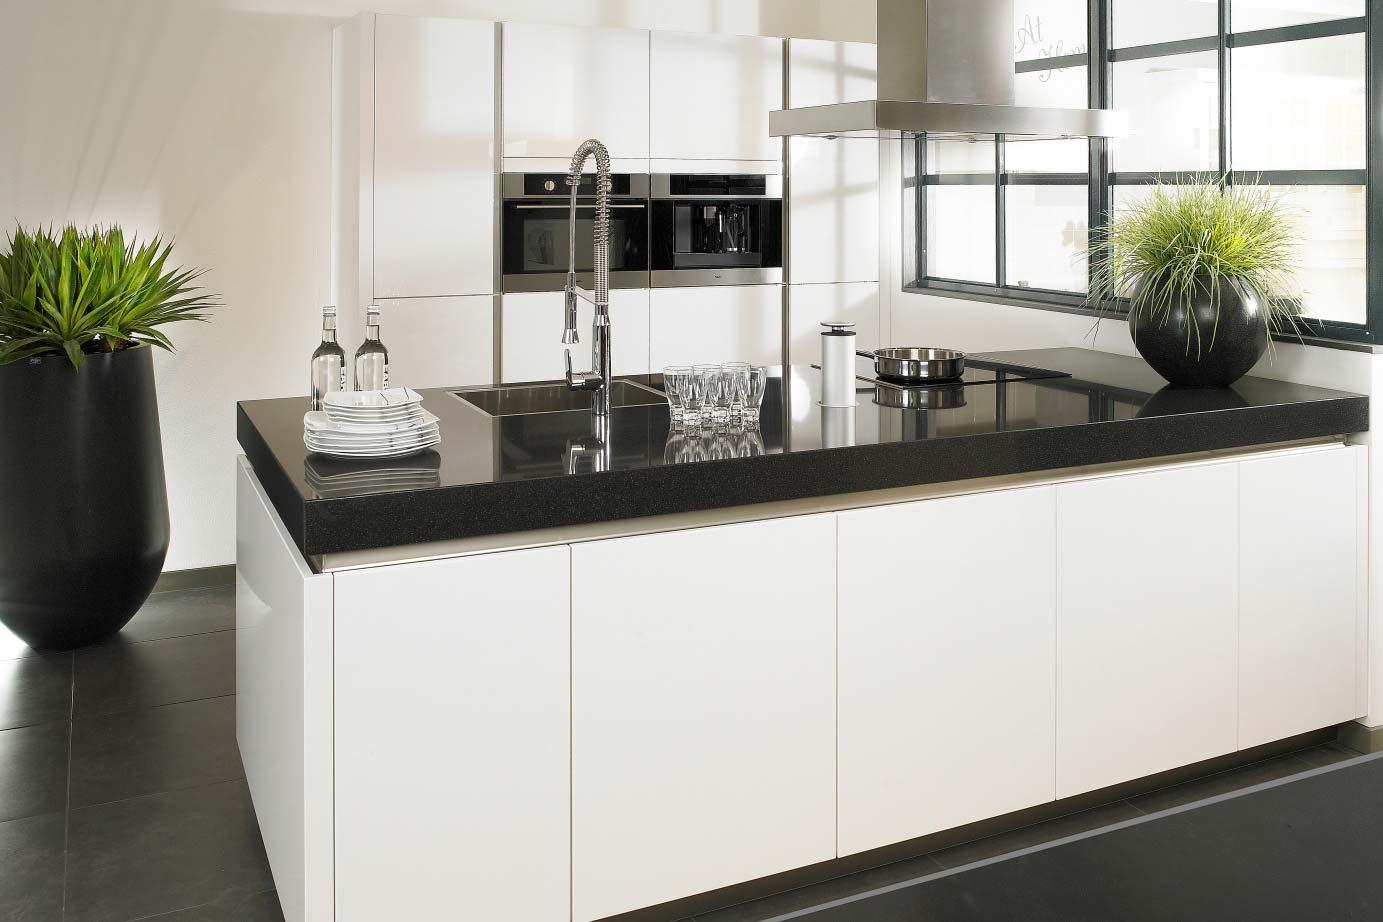 Keukeneiland T Vorm : U wilt een keuken met eiland veel keus lage nettoprijzen pelma